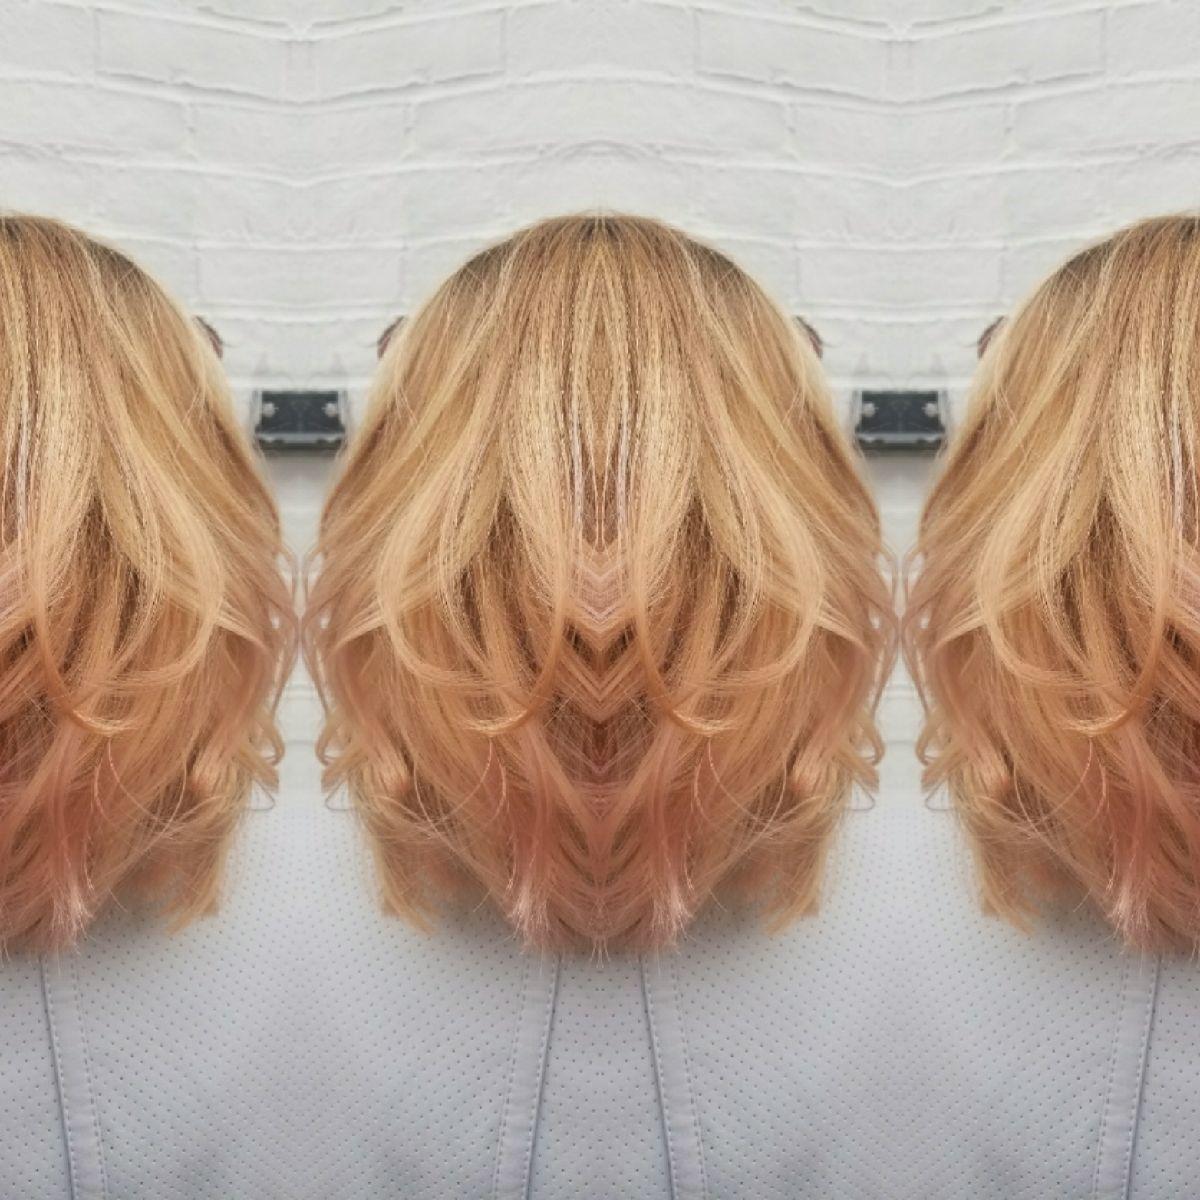 Hair done by Jessie & Sarah